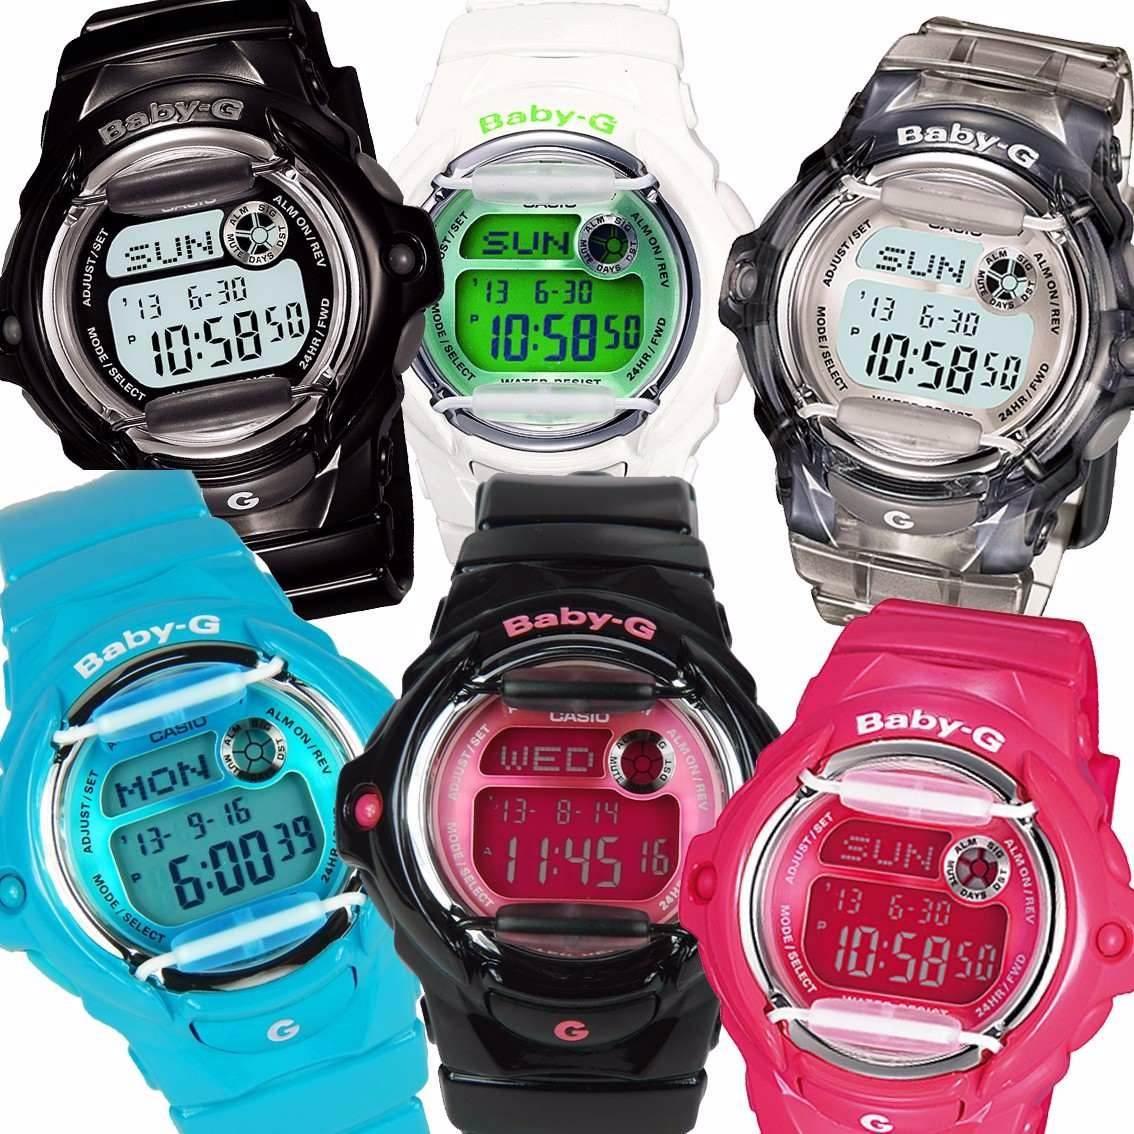 5bda176d9fdc reloj mujer casio baby-g bg-169r varios colores violetta. Cargando zoom.